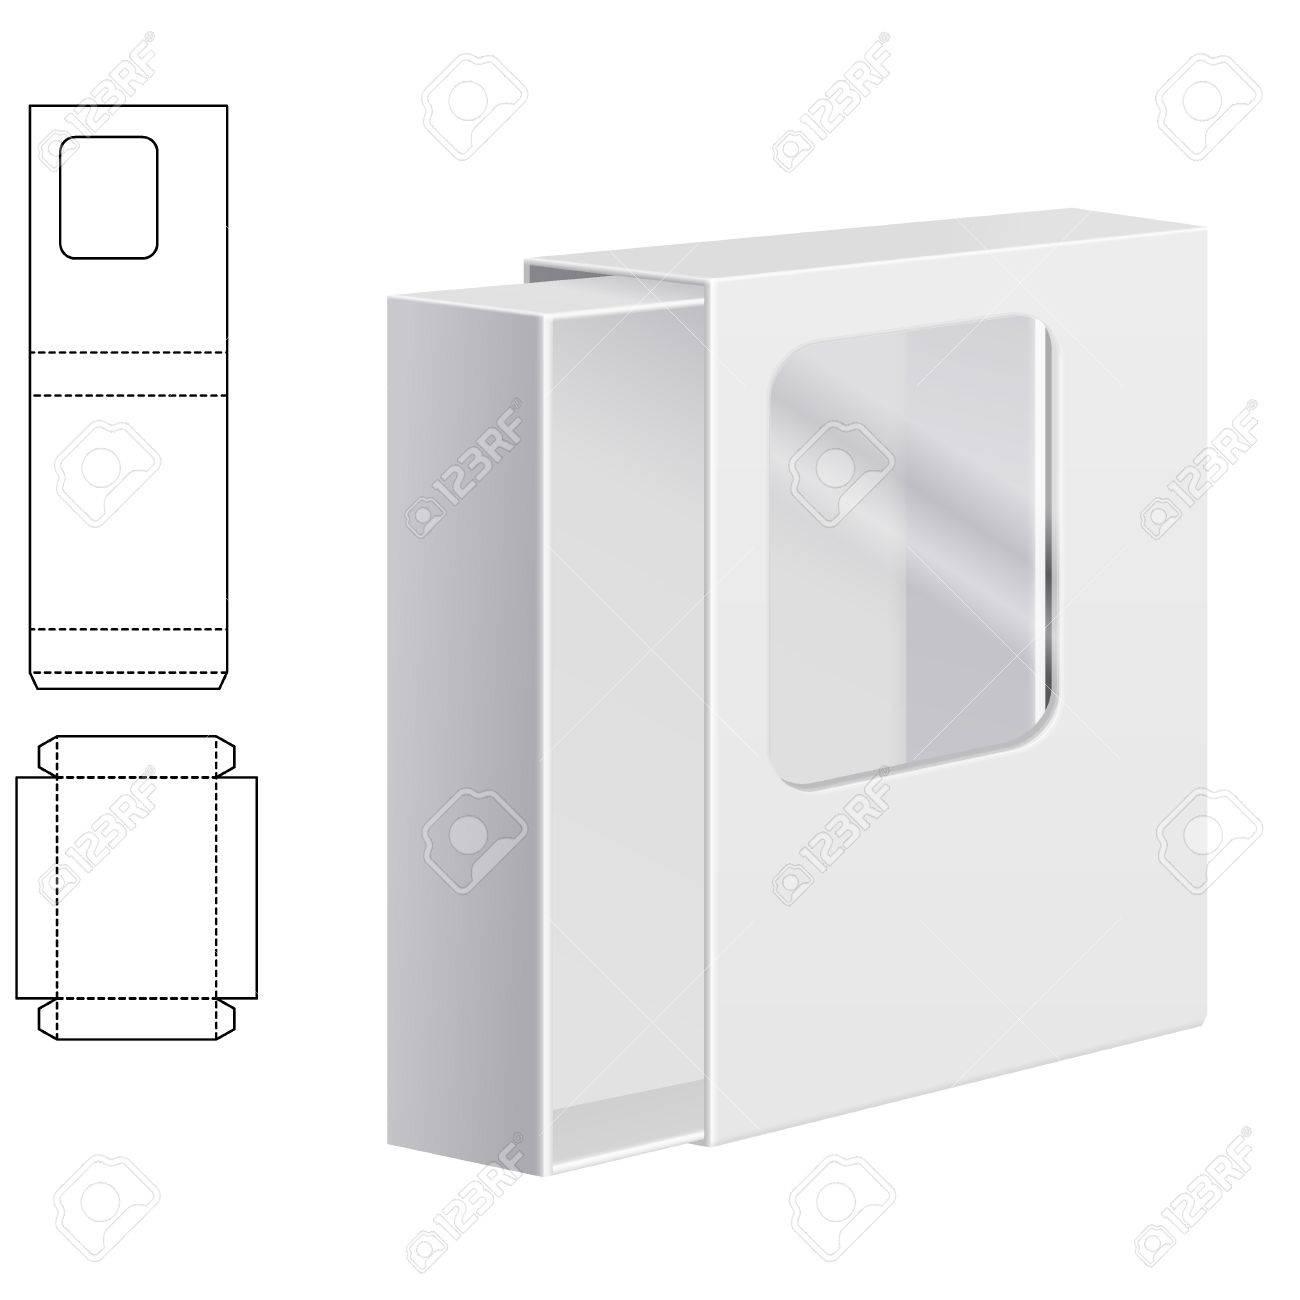 Ilustración De Claro Dieline Plegable Caja De Cartón Con Ventana De ...